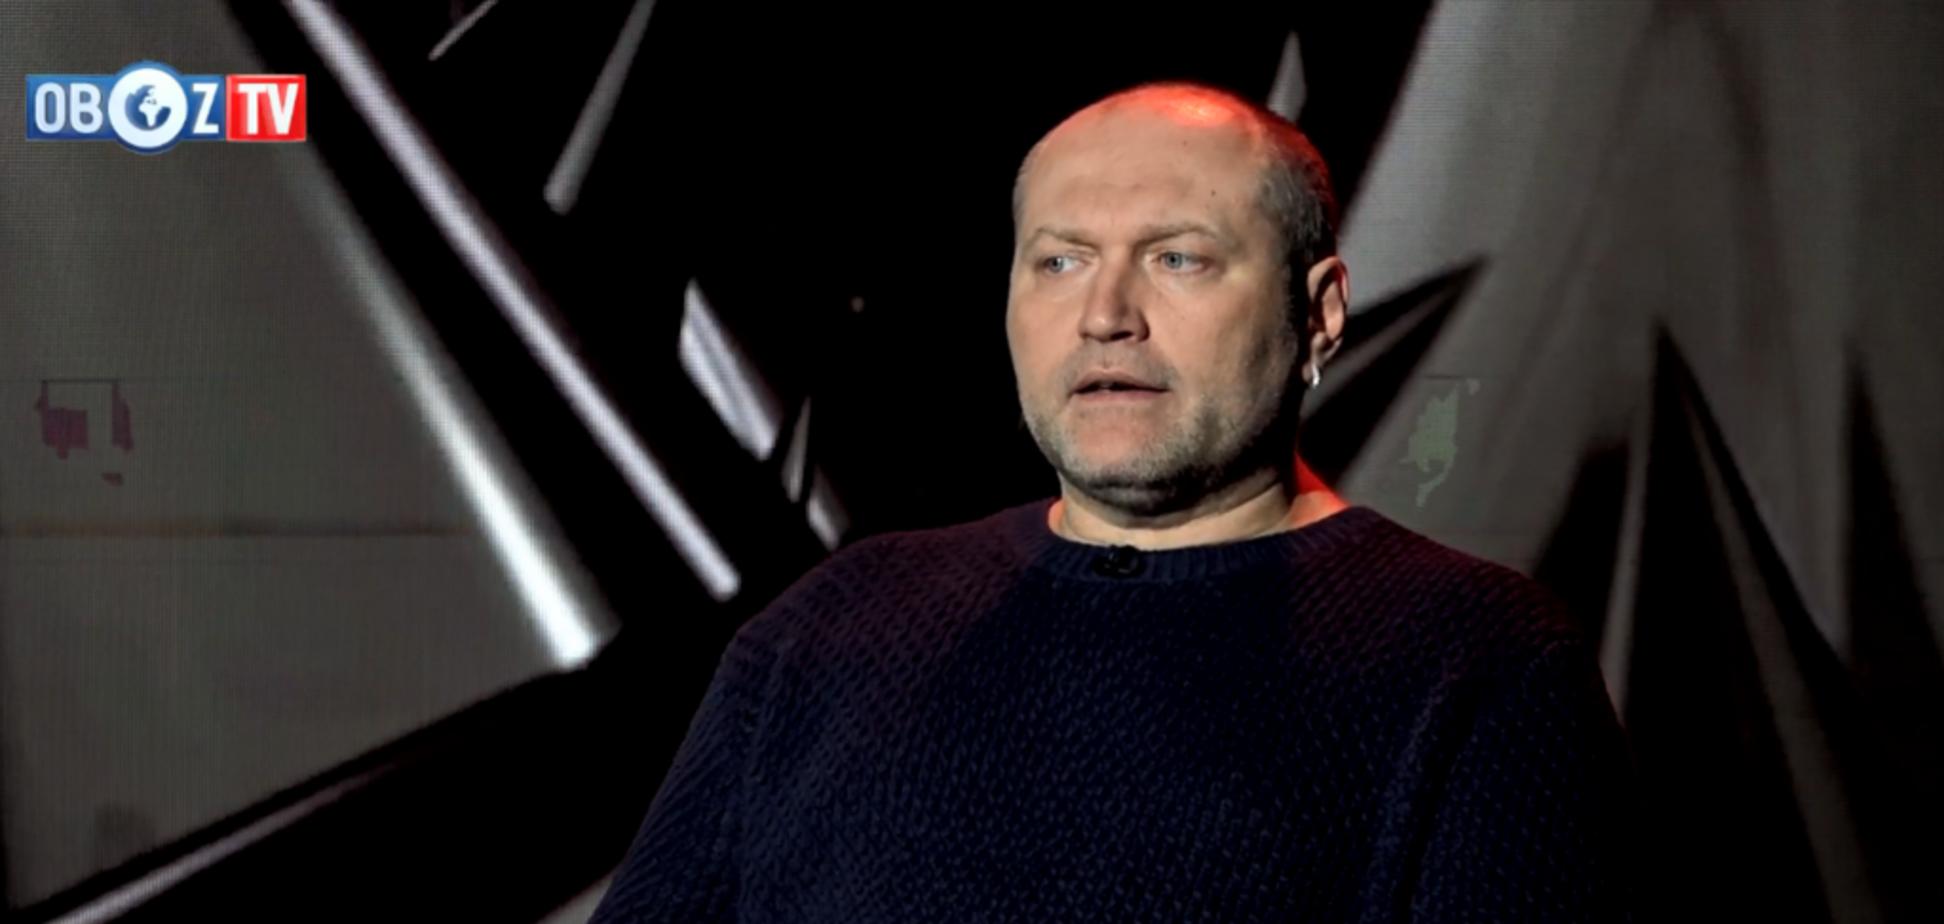 'ЄС покарає Україну': екснардеп заявив про загрозу для безвізу